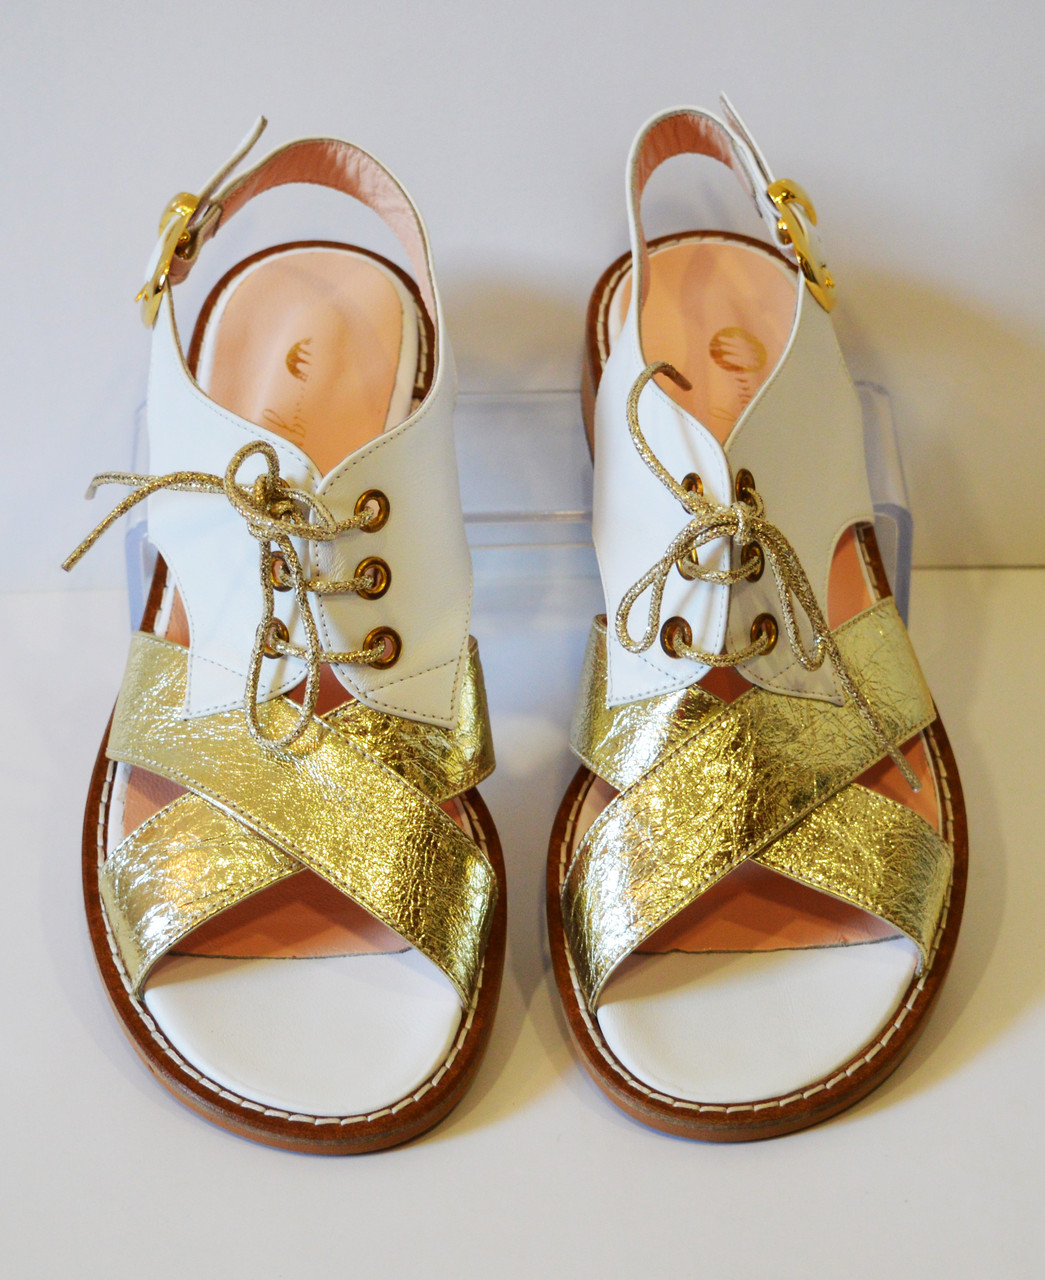 Женские босоножки золотистые на шнурках Magnolya 1950